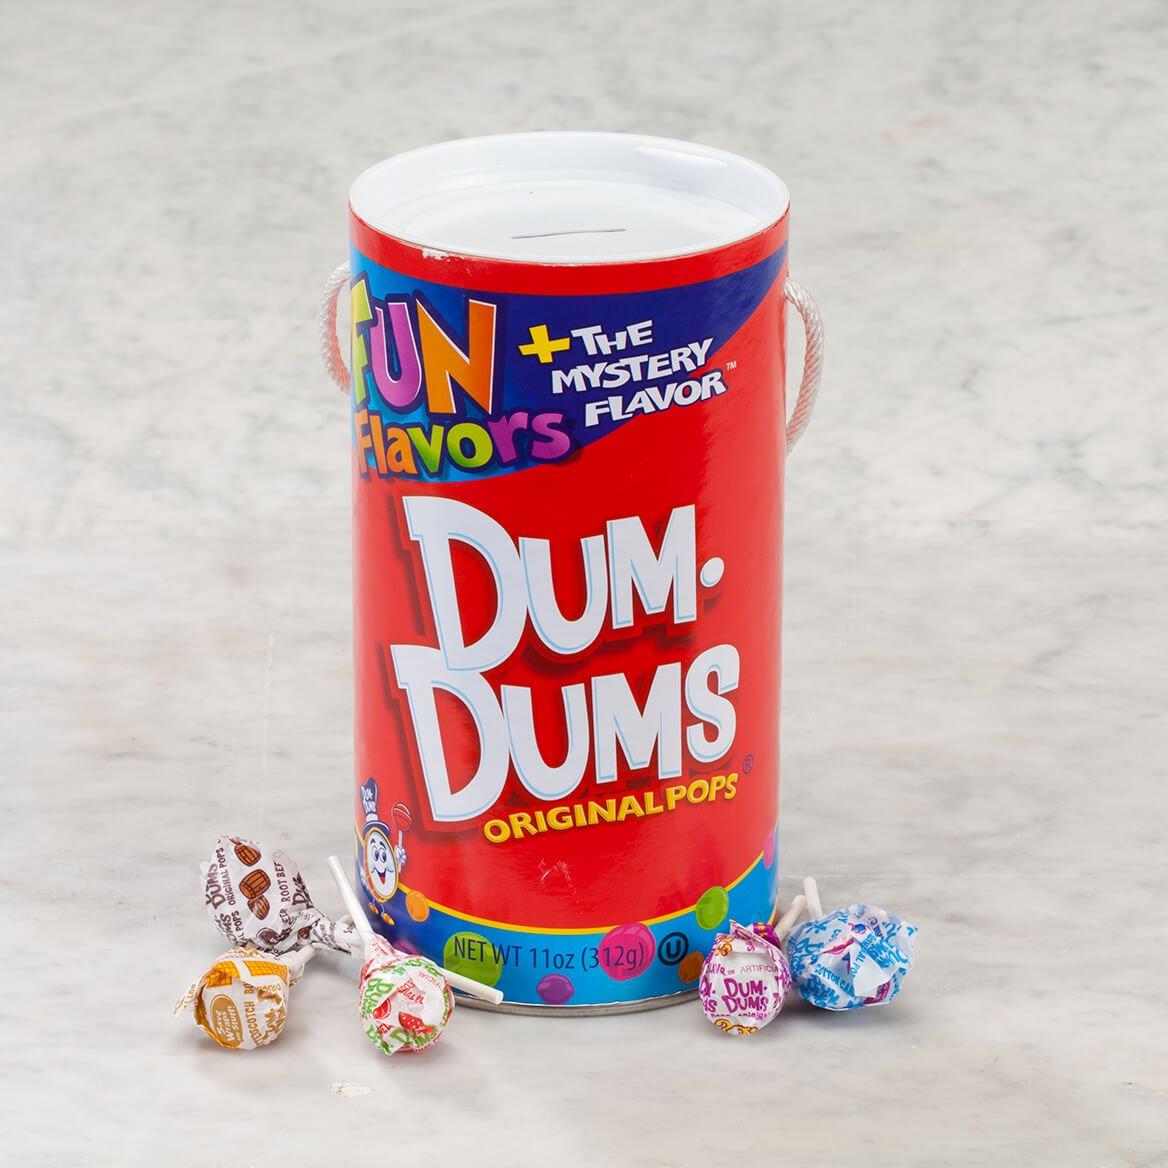 Dum Dums Lollipops Novelty Mega Paint dumdums AMERICAN CANDY - TLCC dum-dums by Miles Kimball (Image #2)